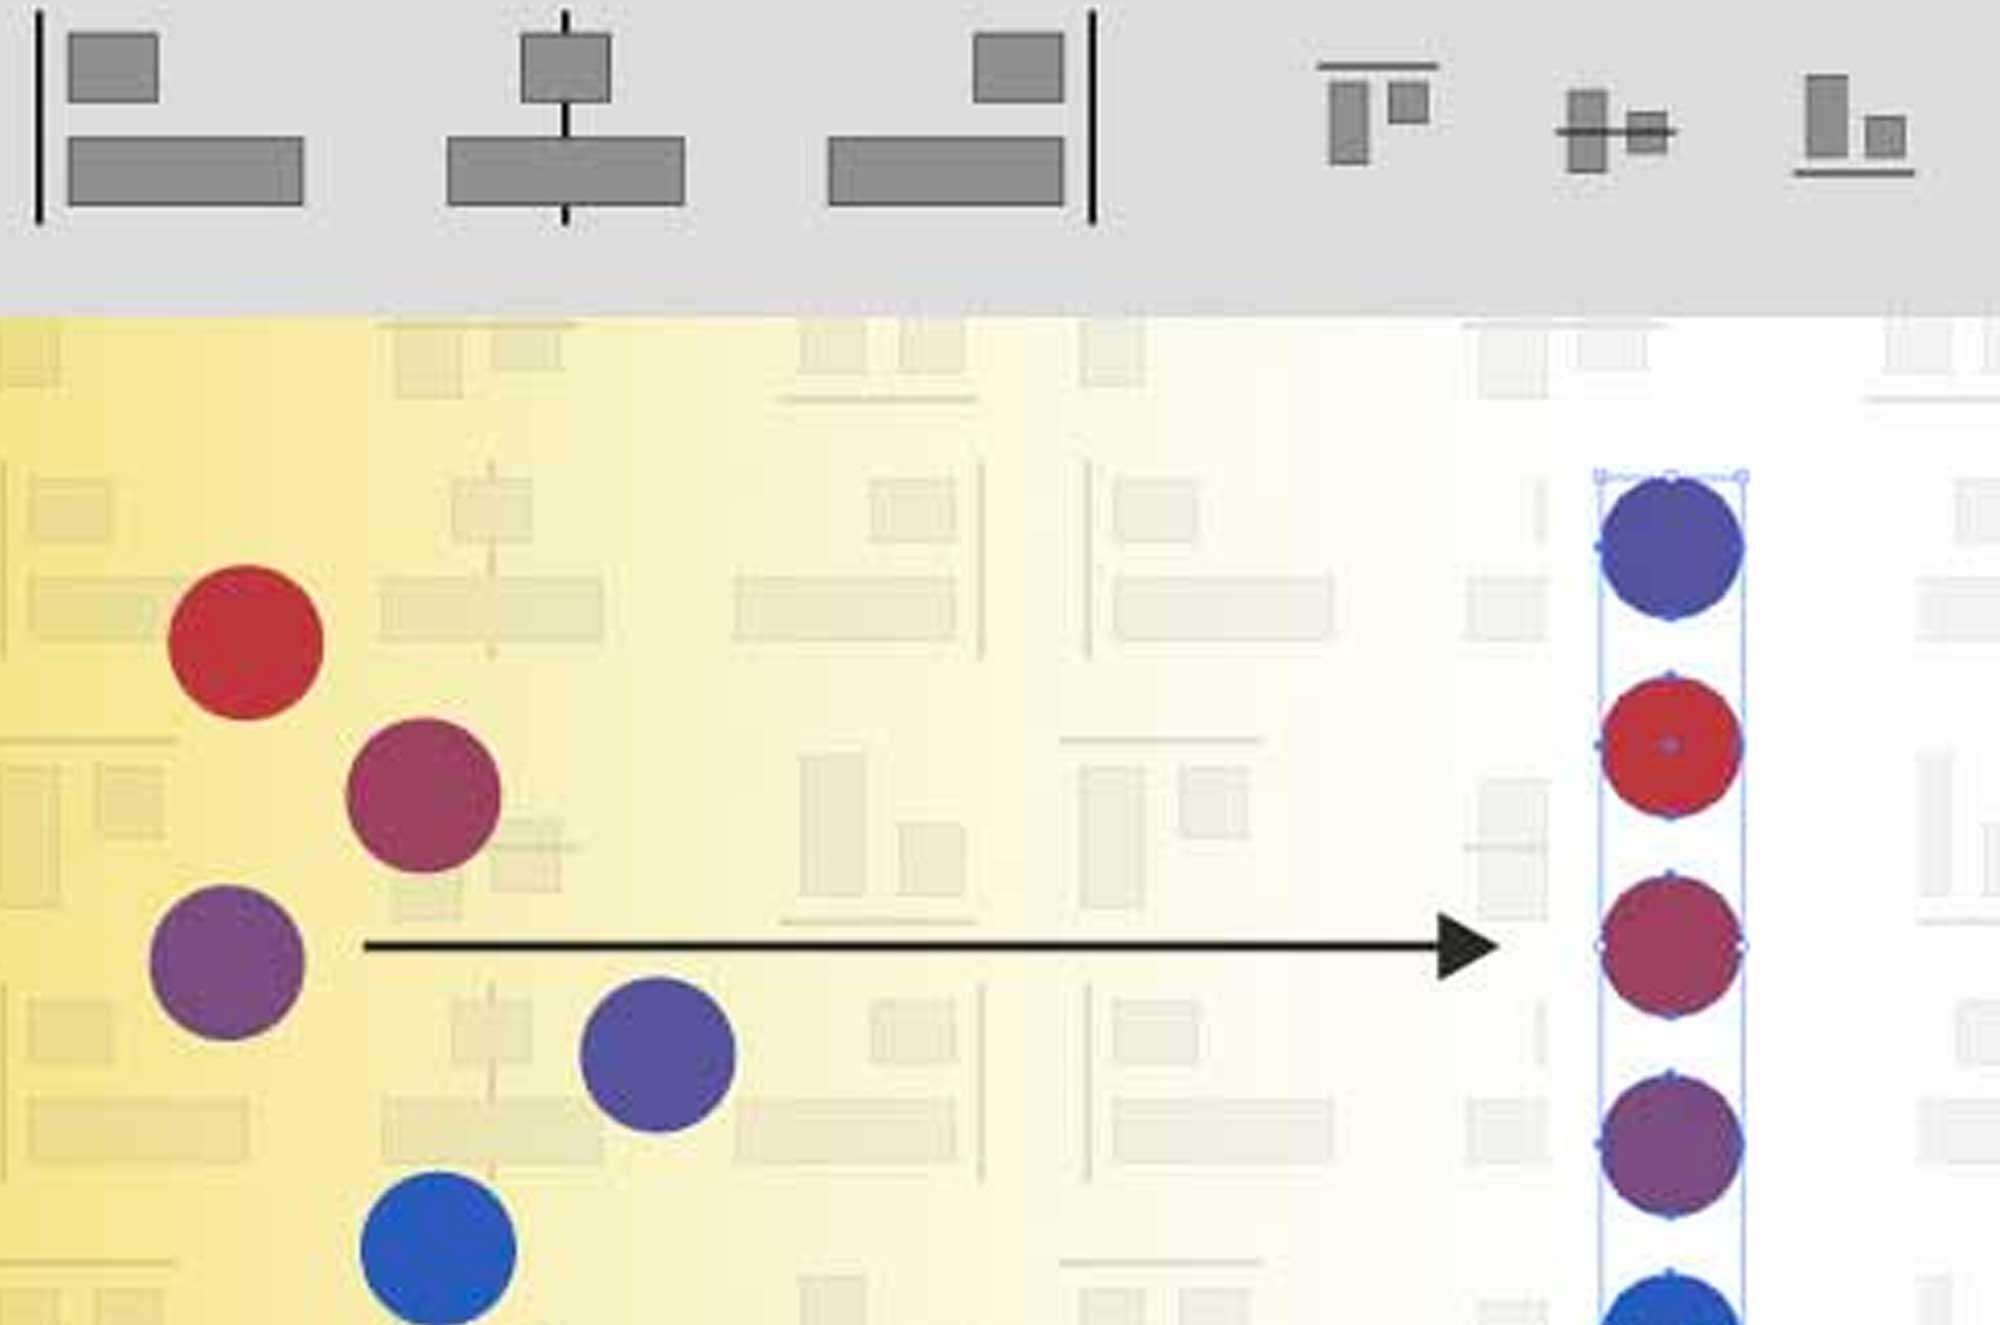 イラストレーターで簡単にオブジェクトを整列させる方法